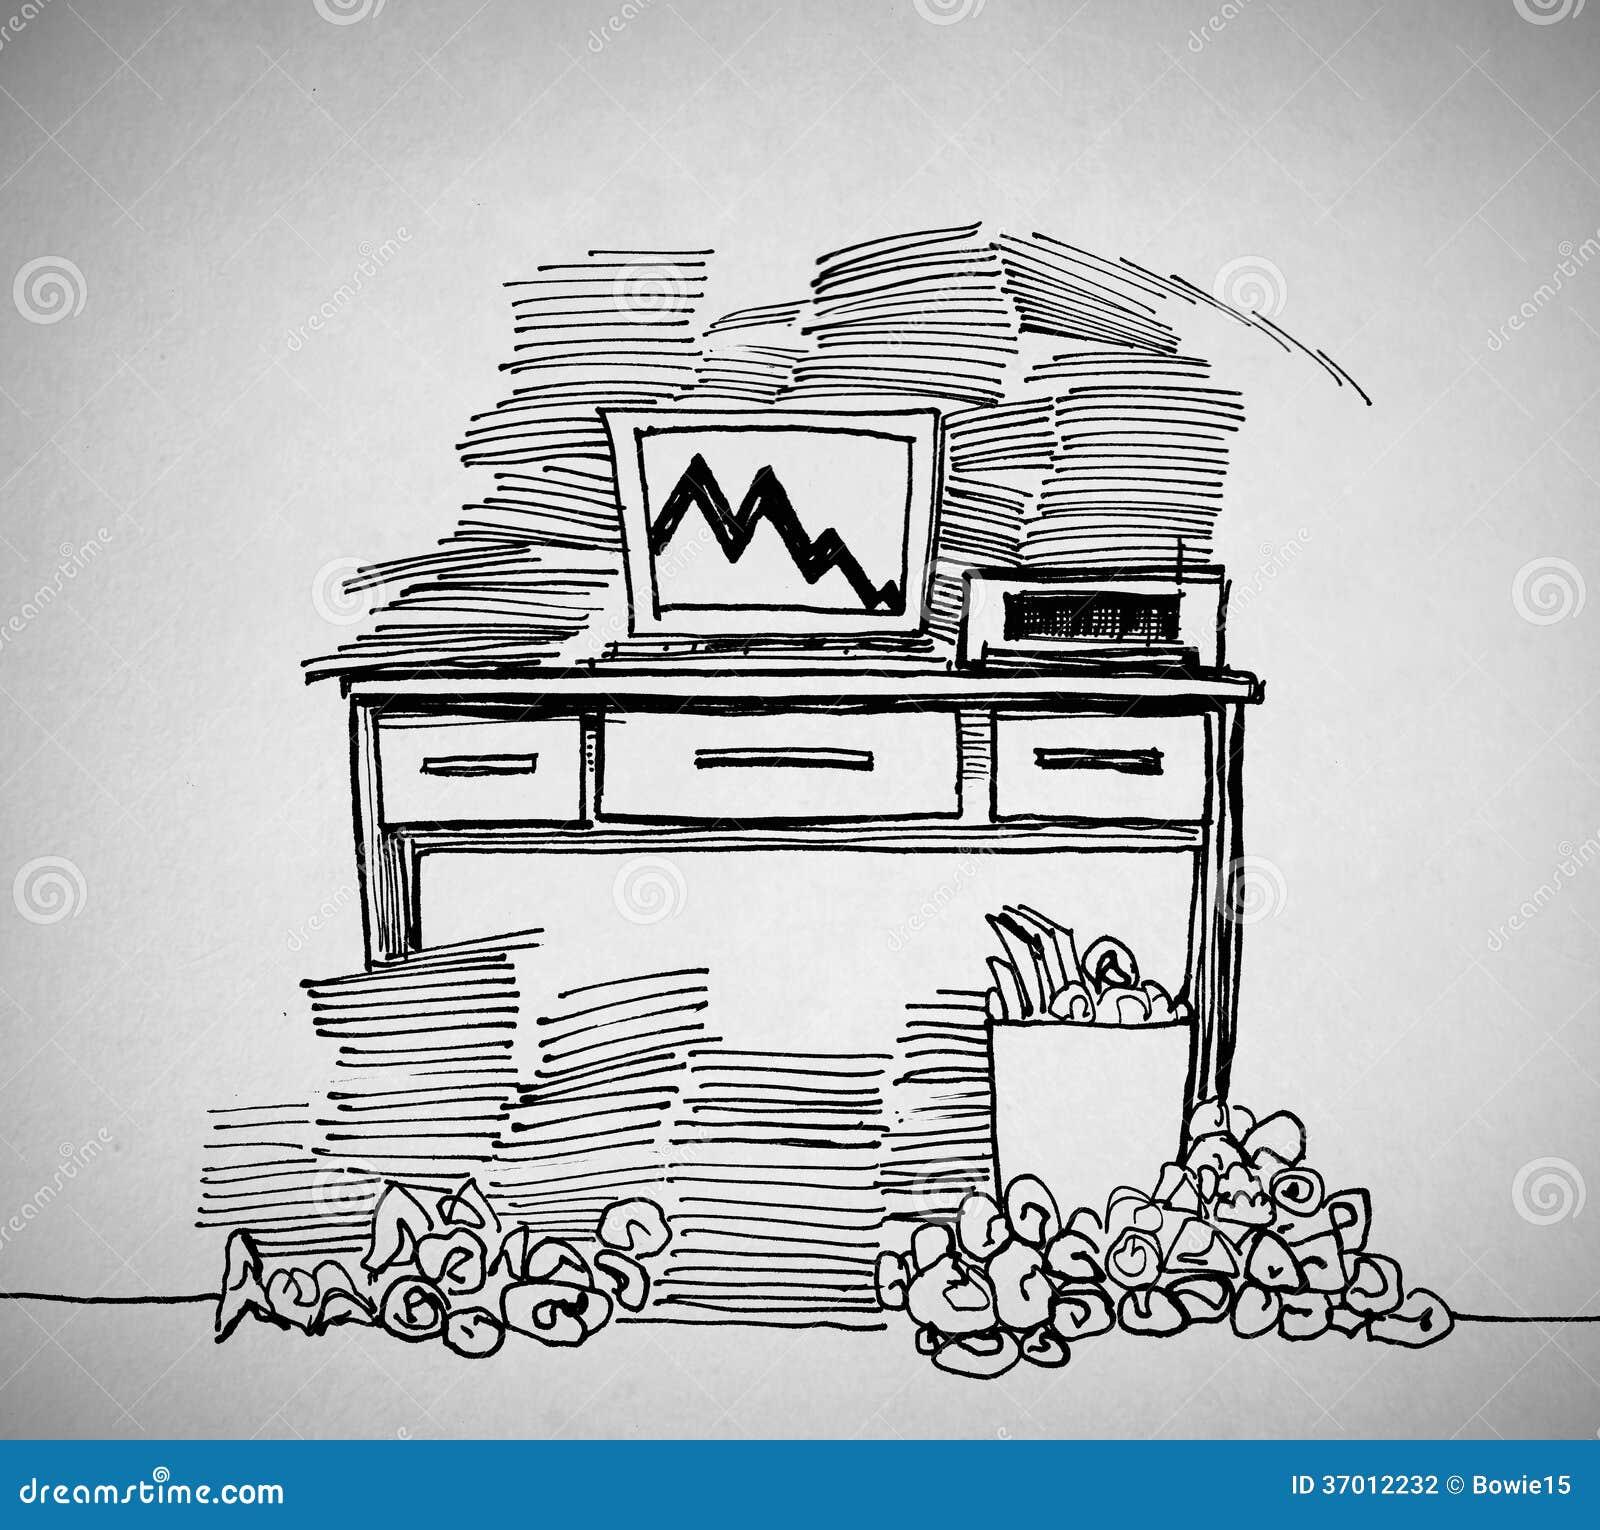 Schreibtisch gezeichnet  Gezeichnet Von Einem Schreibtisch Stock Abbildung - Bild: 37012232